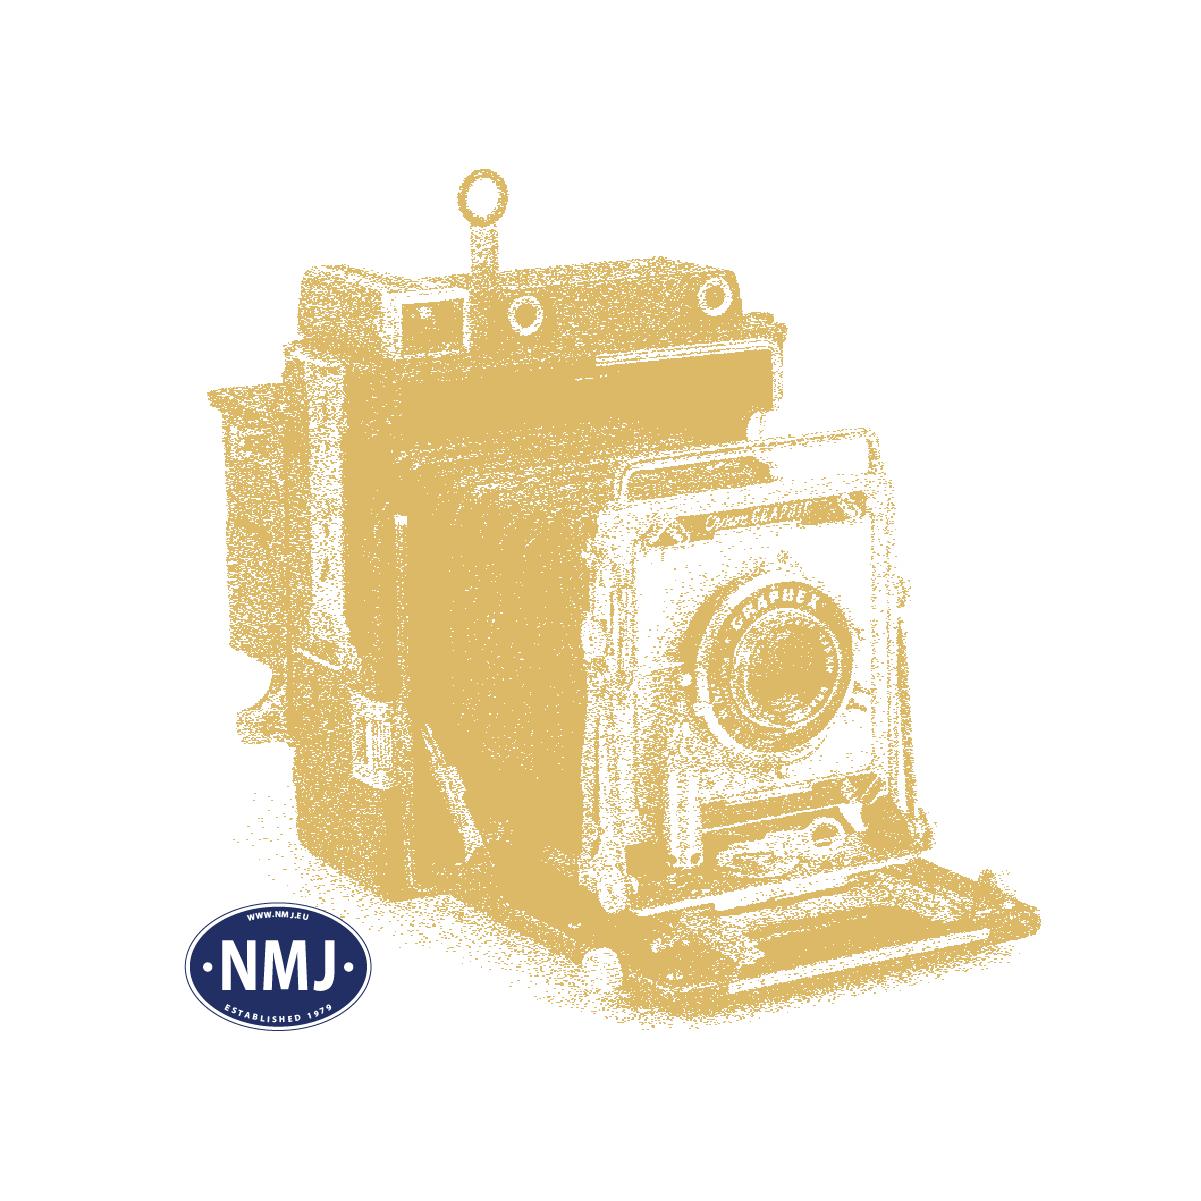 NMJH16106 - NMJ Skyline Modell einer Lawinen Schutz Galerie, Bausatz